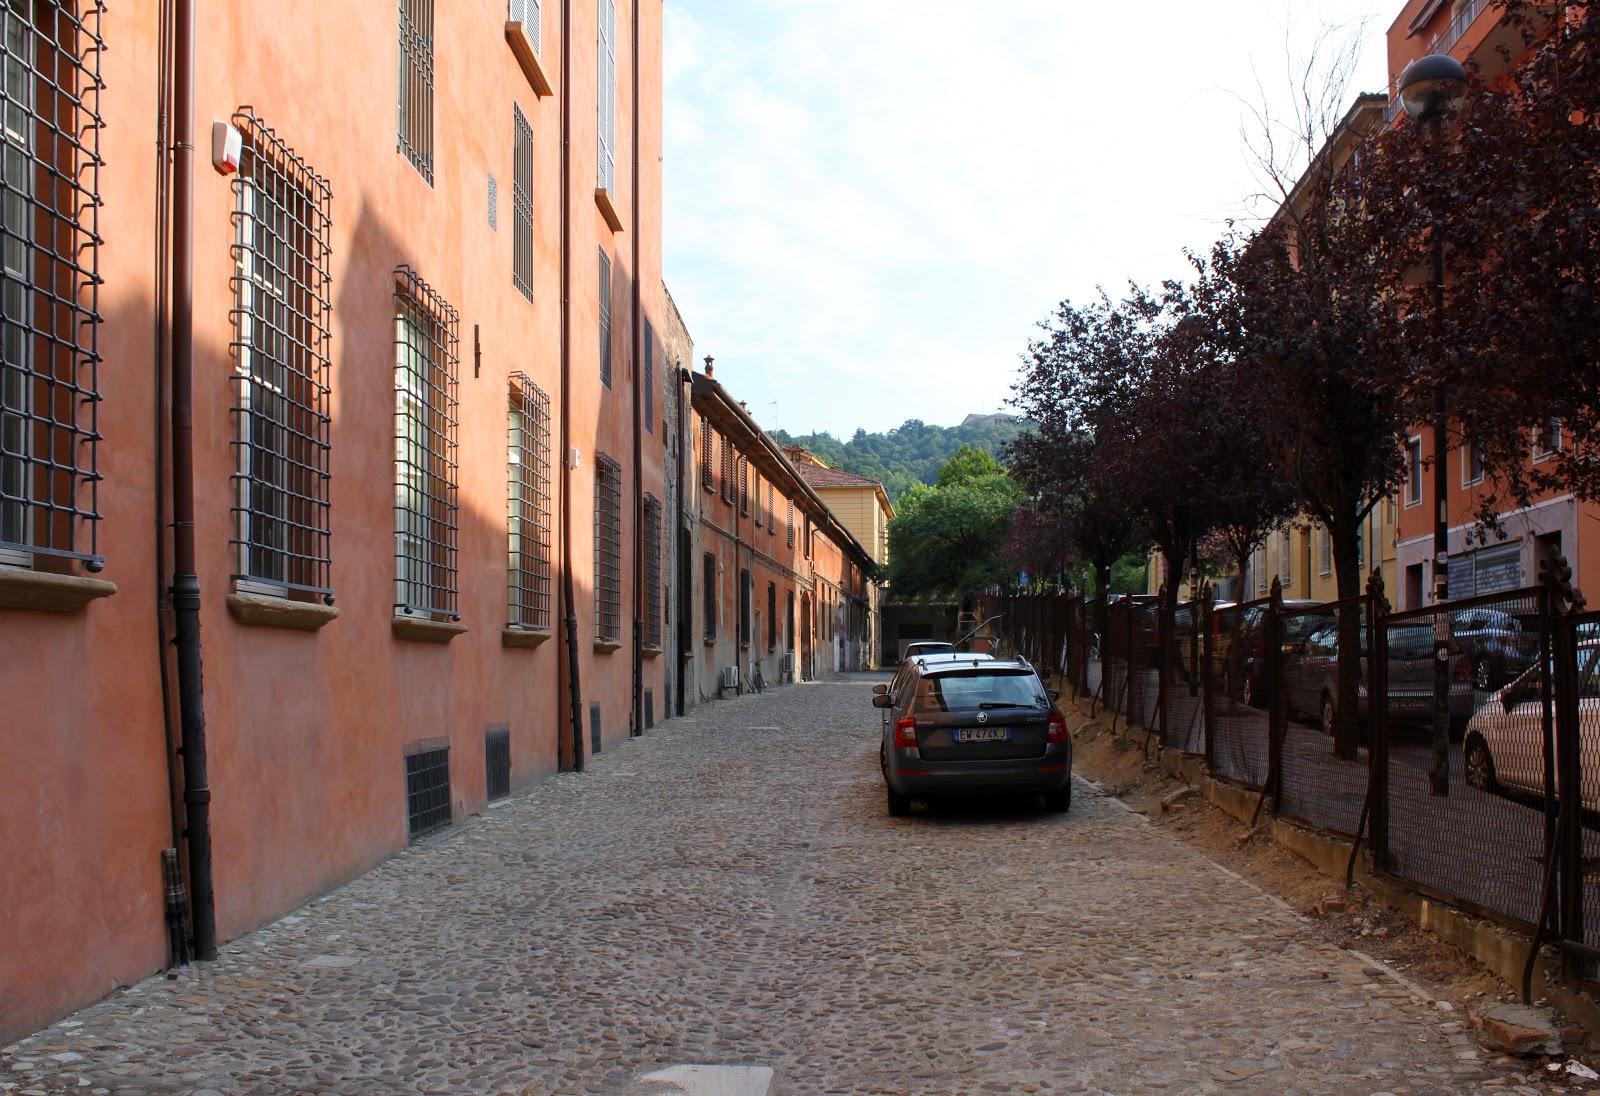 Malpertugio (Via)